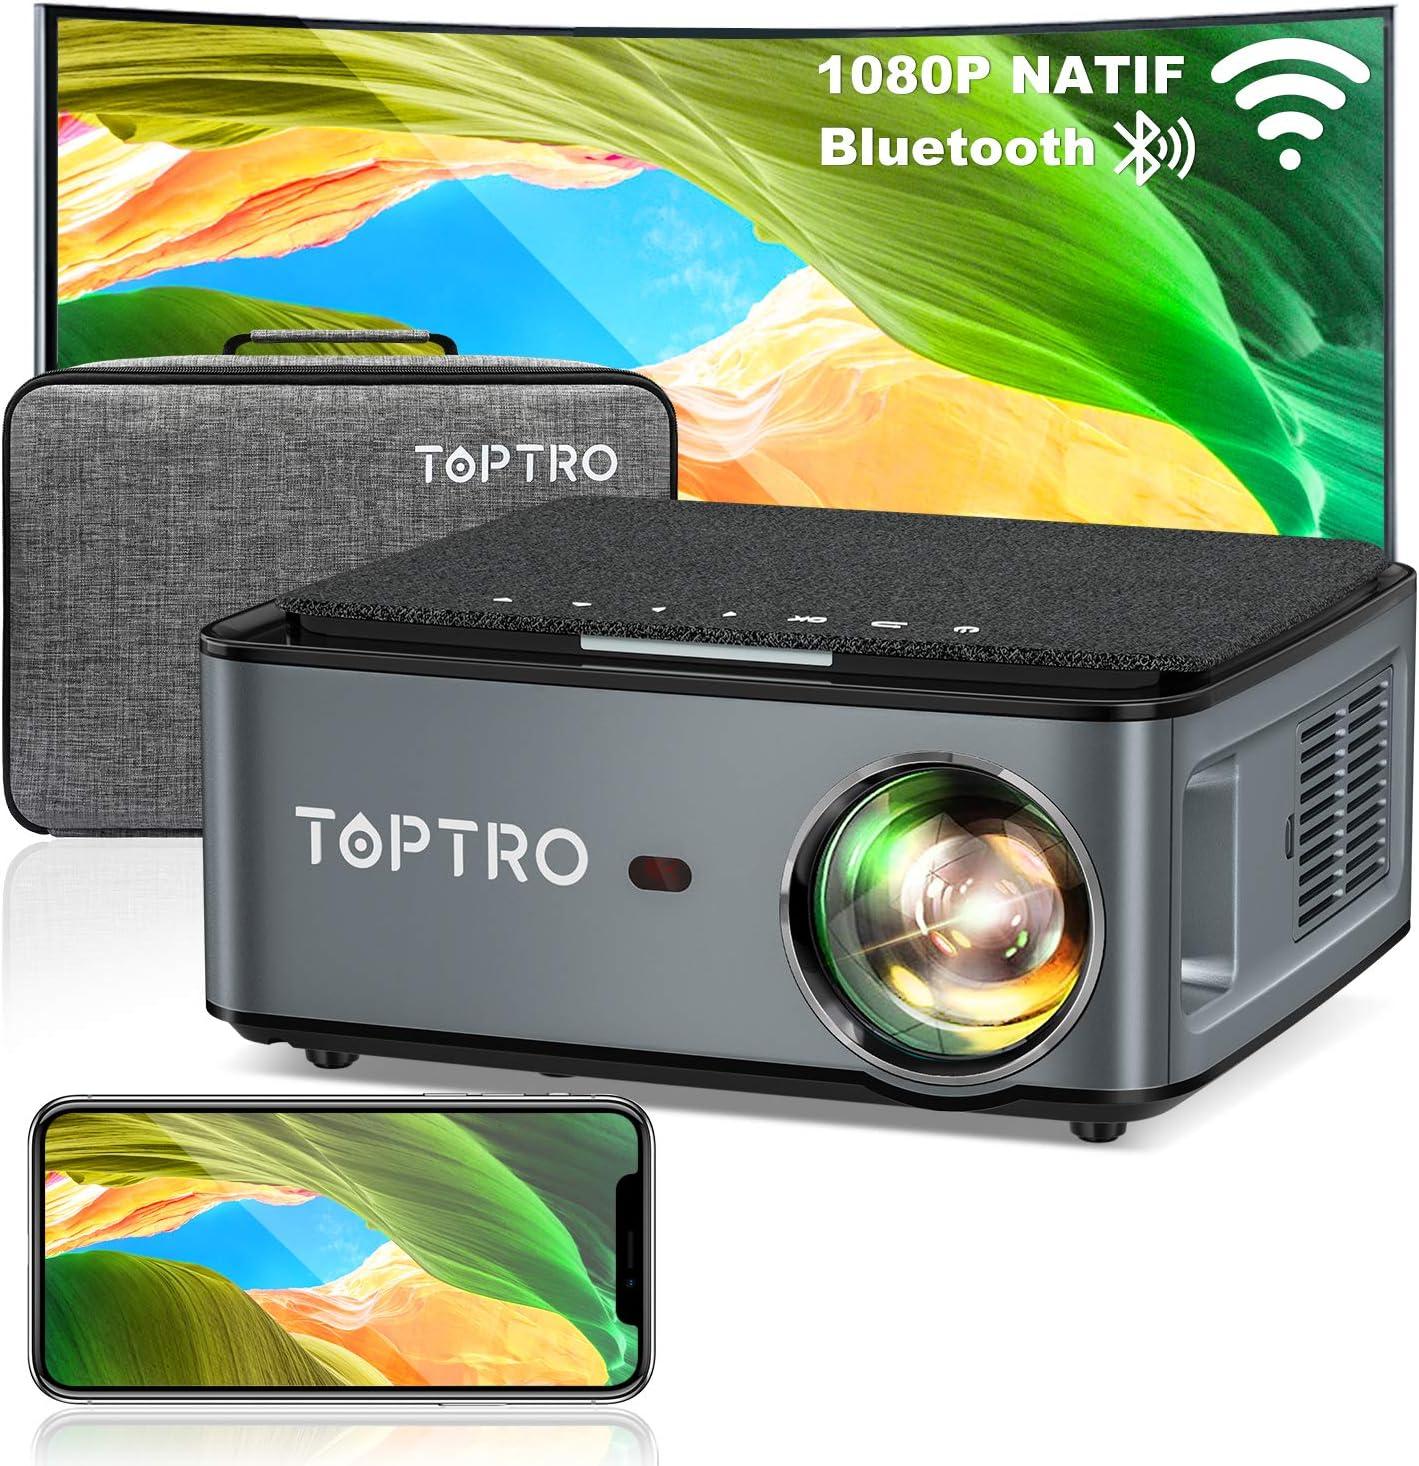 7500 Lumens TOPTRO Projecteur Portable Supporte 4K Retroprojecteur Compatible iPhone Android T/él/éphone,PPT Pr/ésentation Videoprojecteur WiFi Bluetooth Full HD 1080P